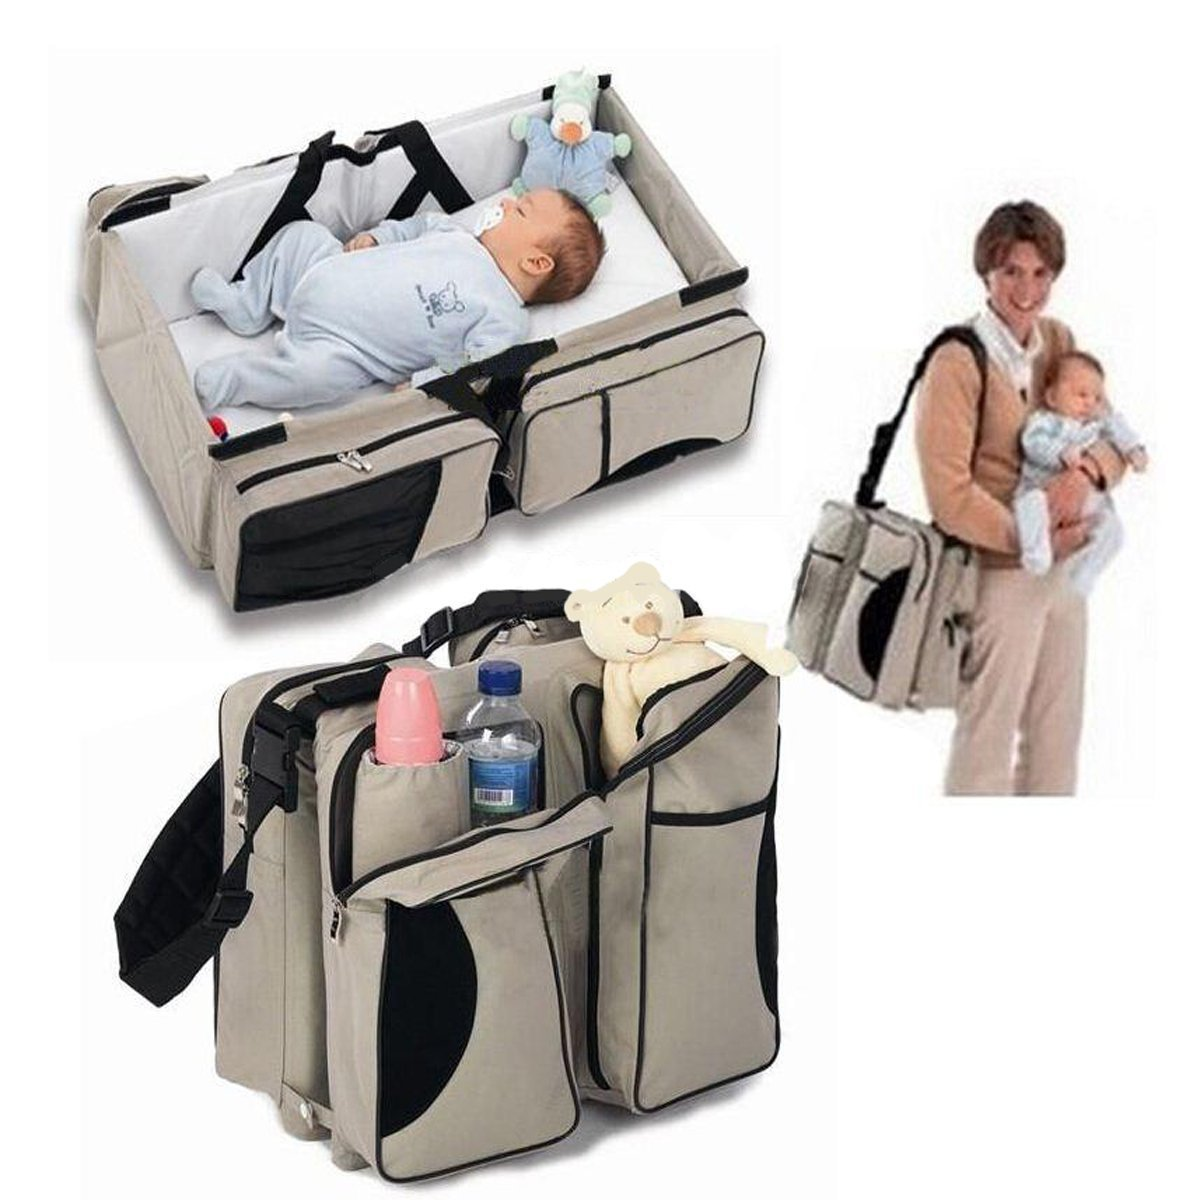 Nouveau-né bébé portable voyage lit voyage sac berceau maman sac berceau